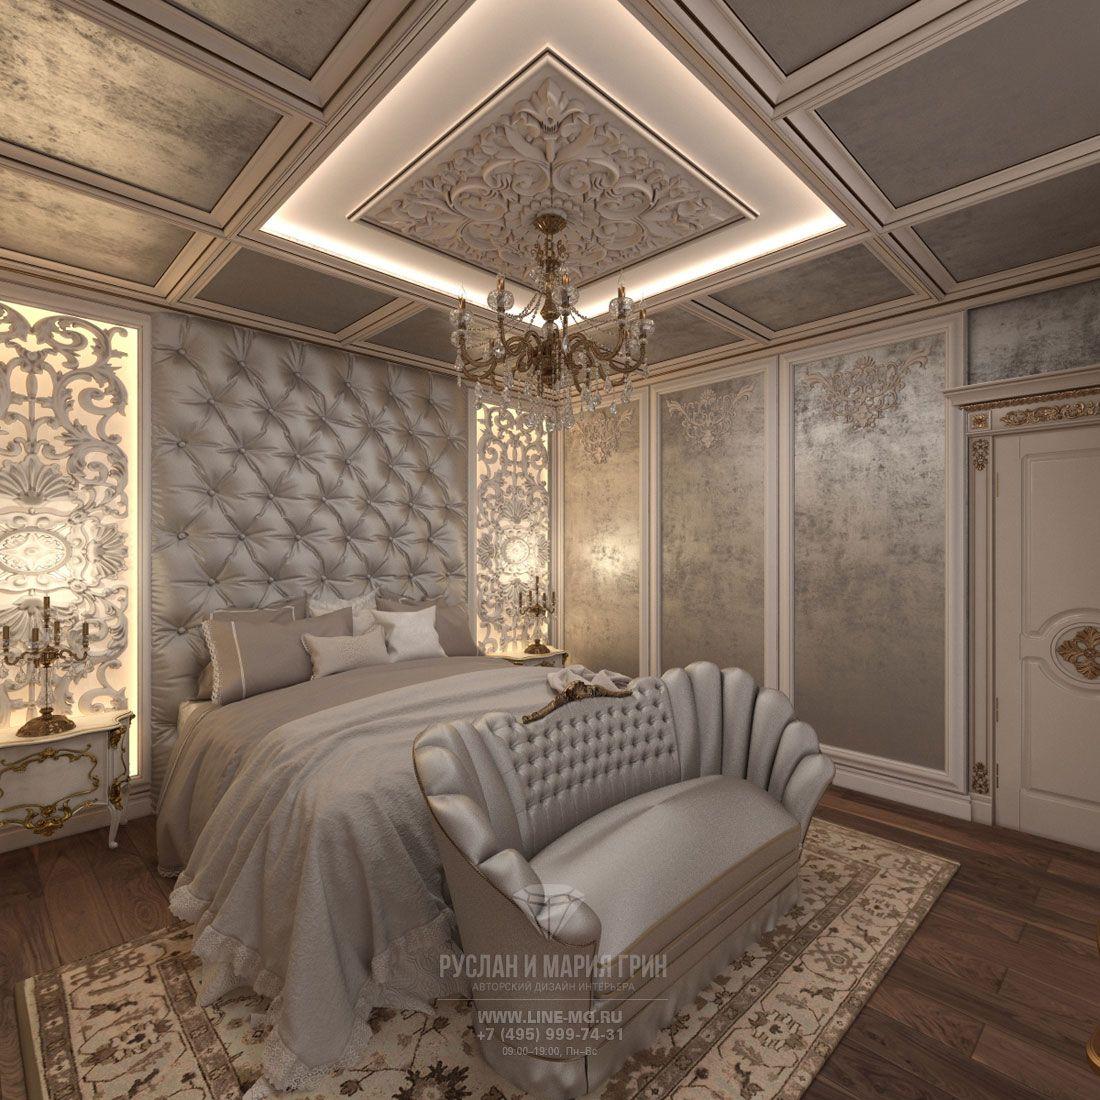 Дизайн спальни и санузла в классическом стиле. 8 фото ...